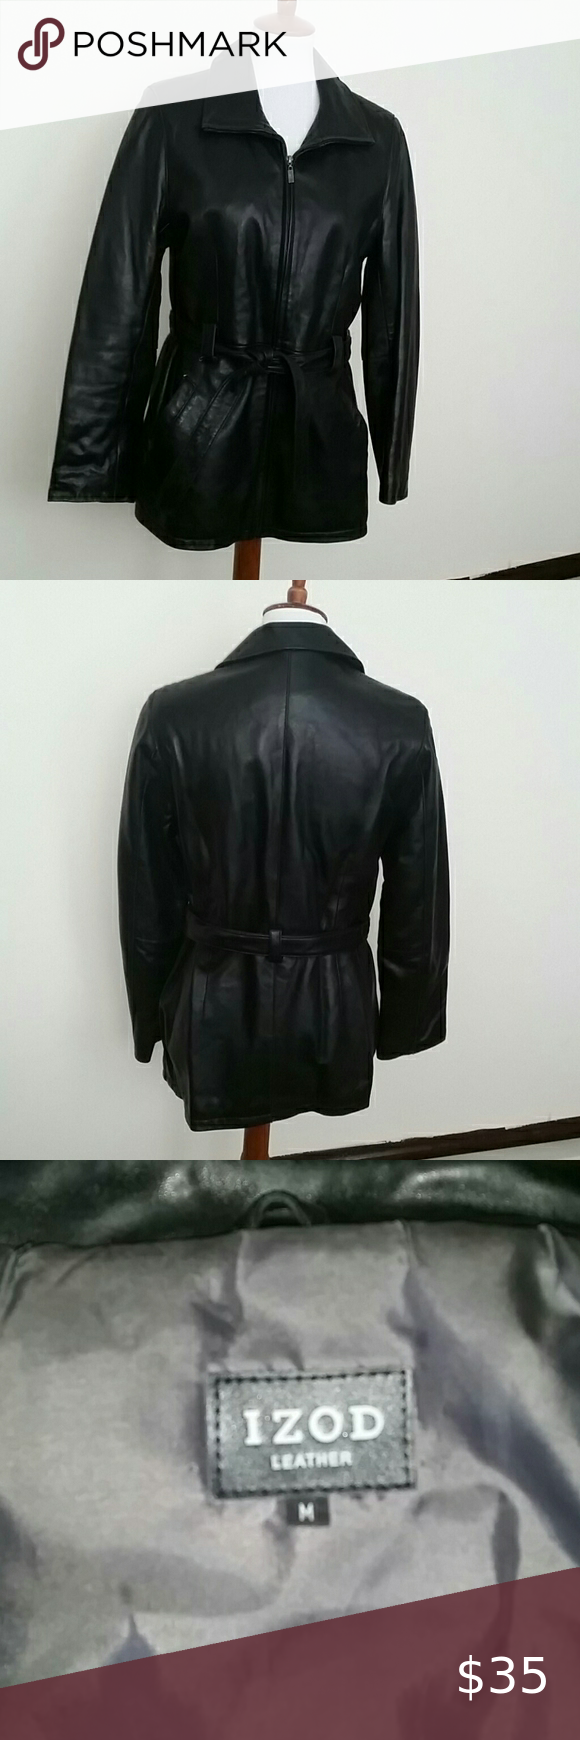 Izod Leather Jacket Leather Jacket Jackets Leather [ 1740 x 580 Pixel ]